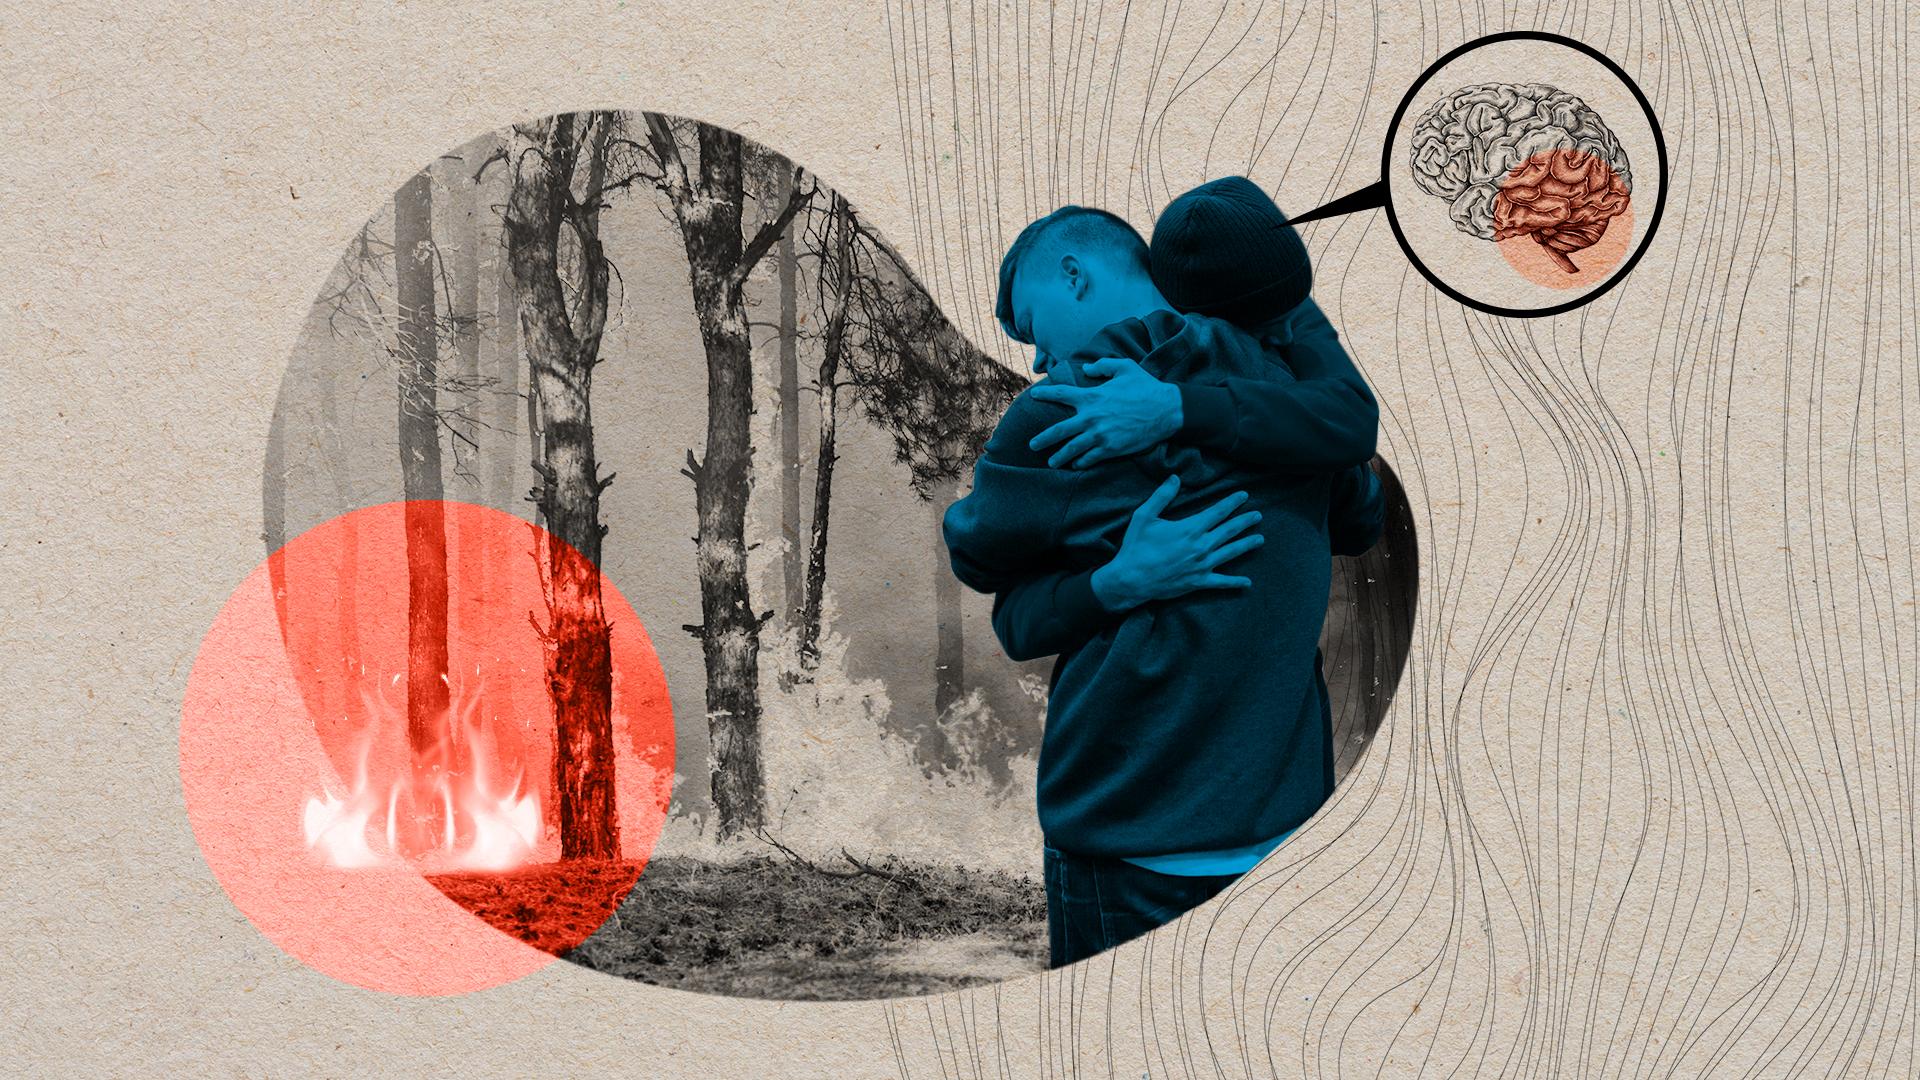 Cómo la crisis climática afecta nuestra salud mental (y qué podemos hacer al respecto)